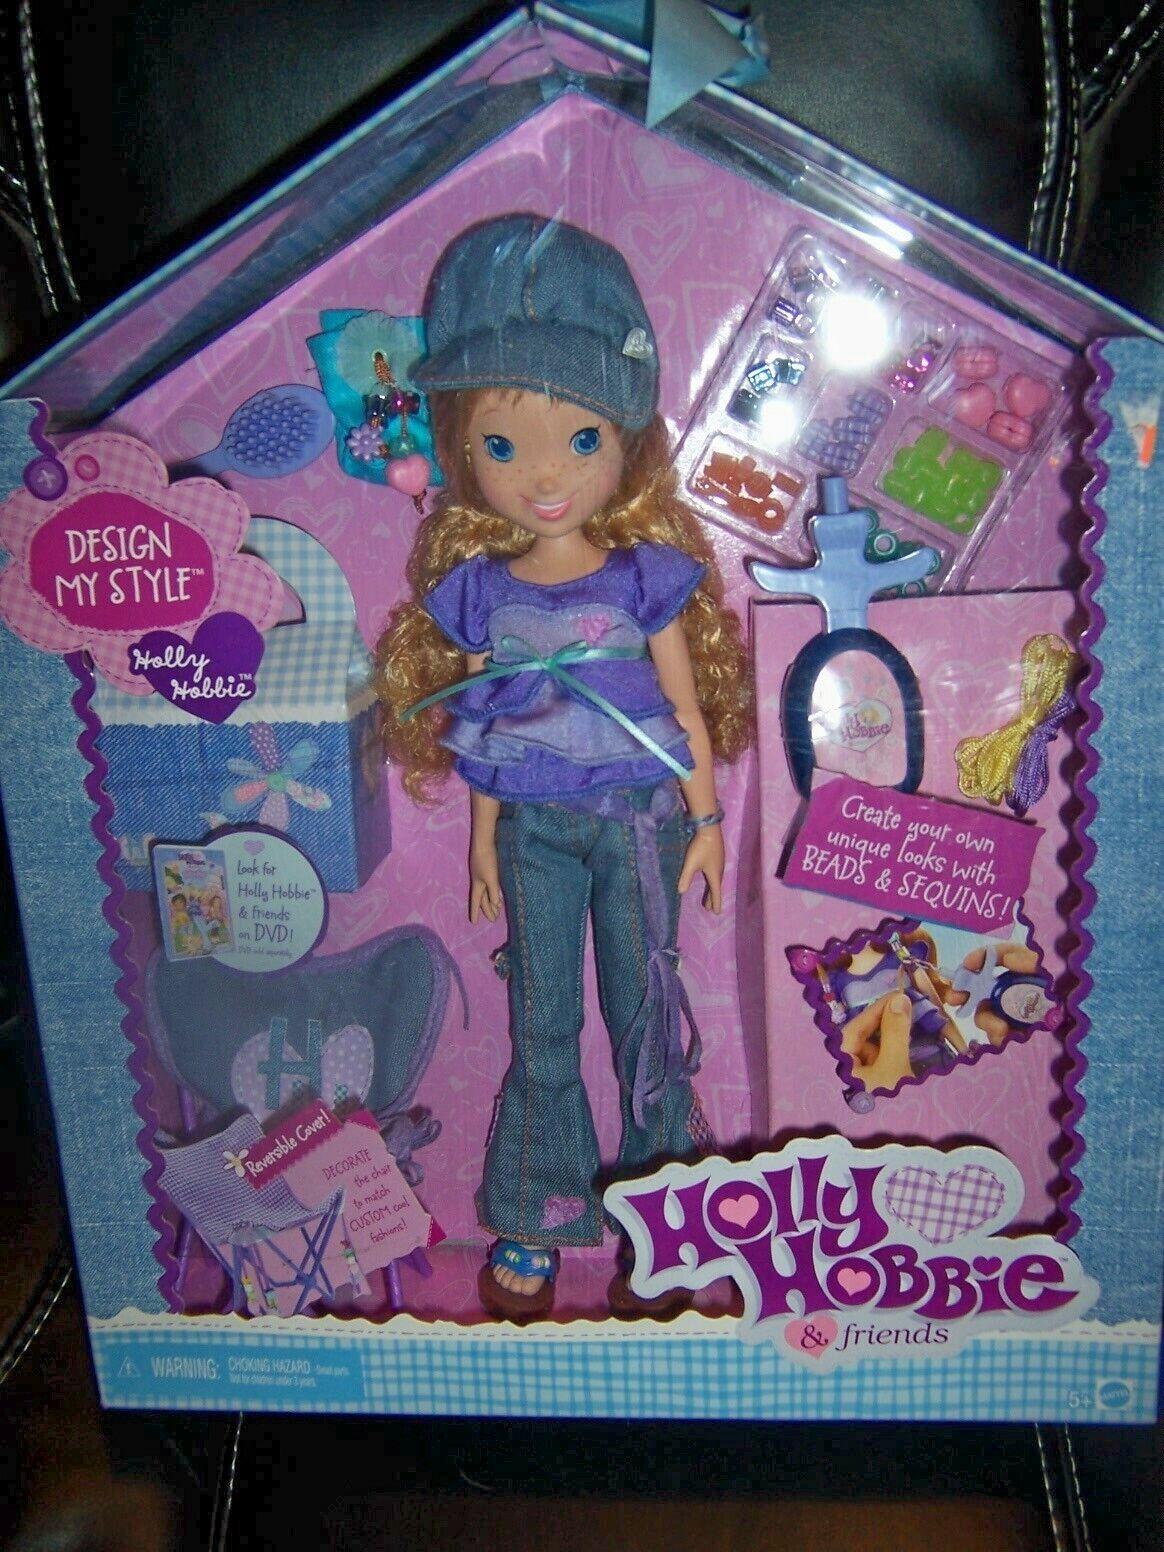 NIB MATTEL HOLLY HOBBIE Design My Stil Doll & Accessories 2006